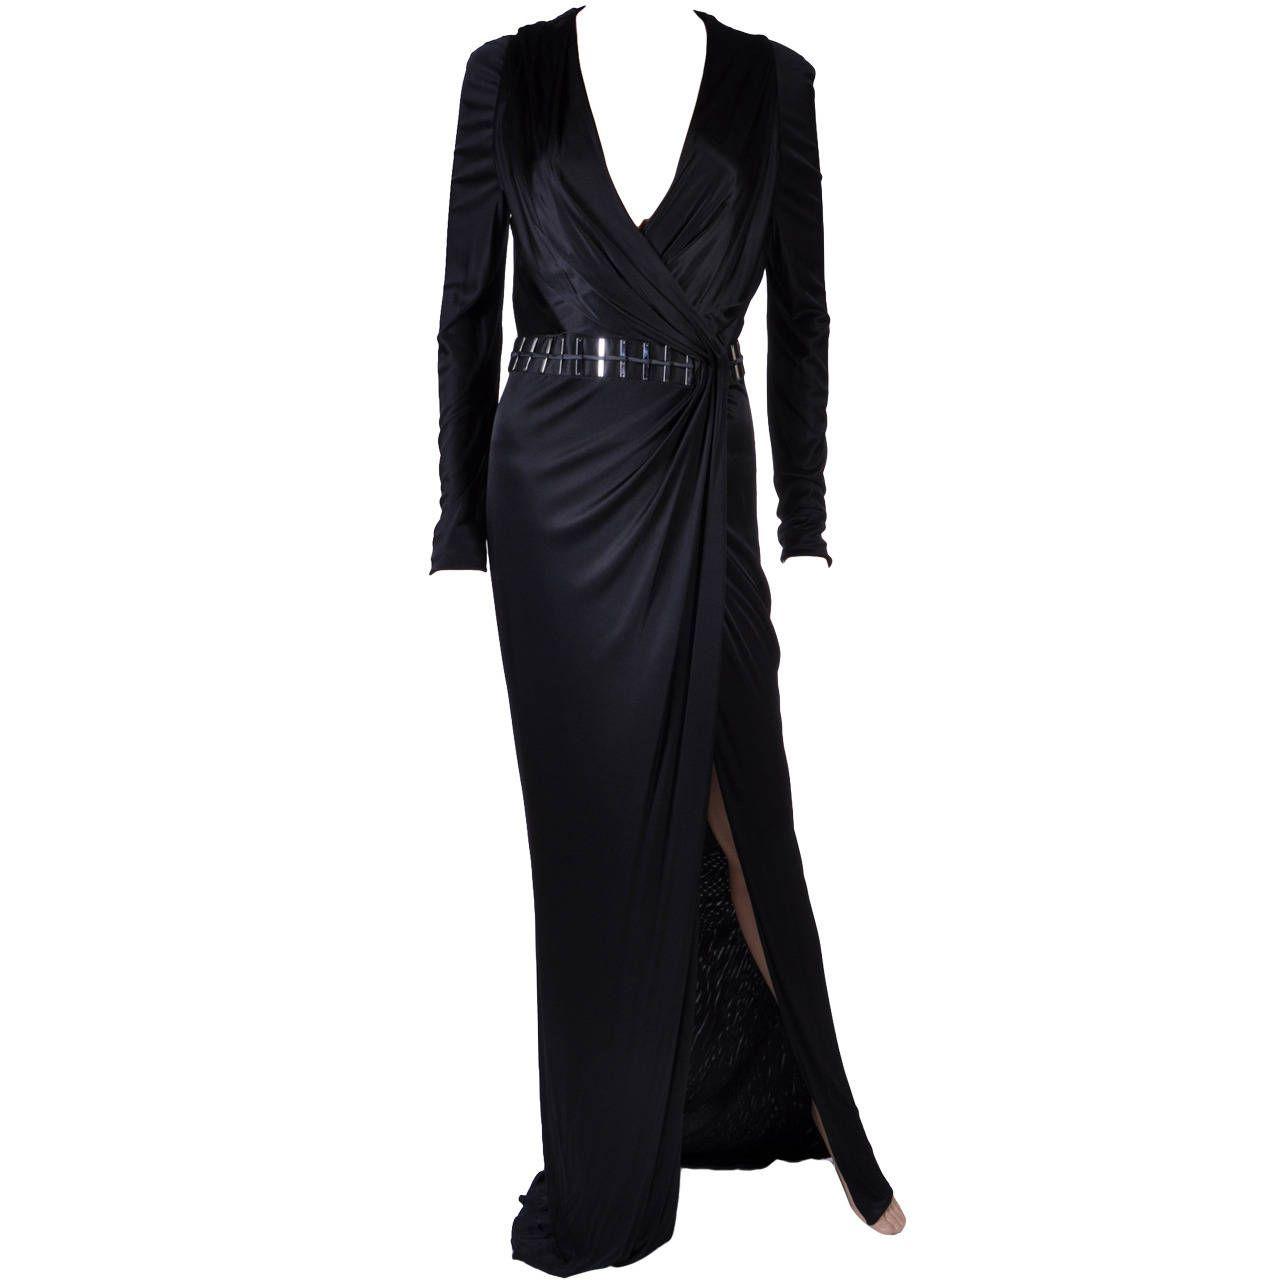 New versace black wrap dress wrap dresses versace and jet black color